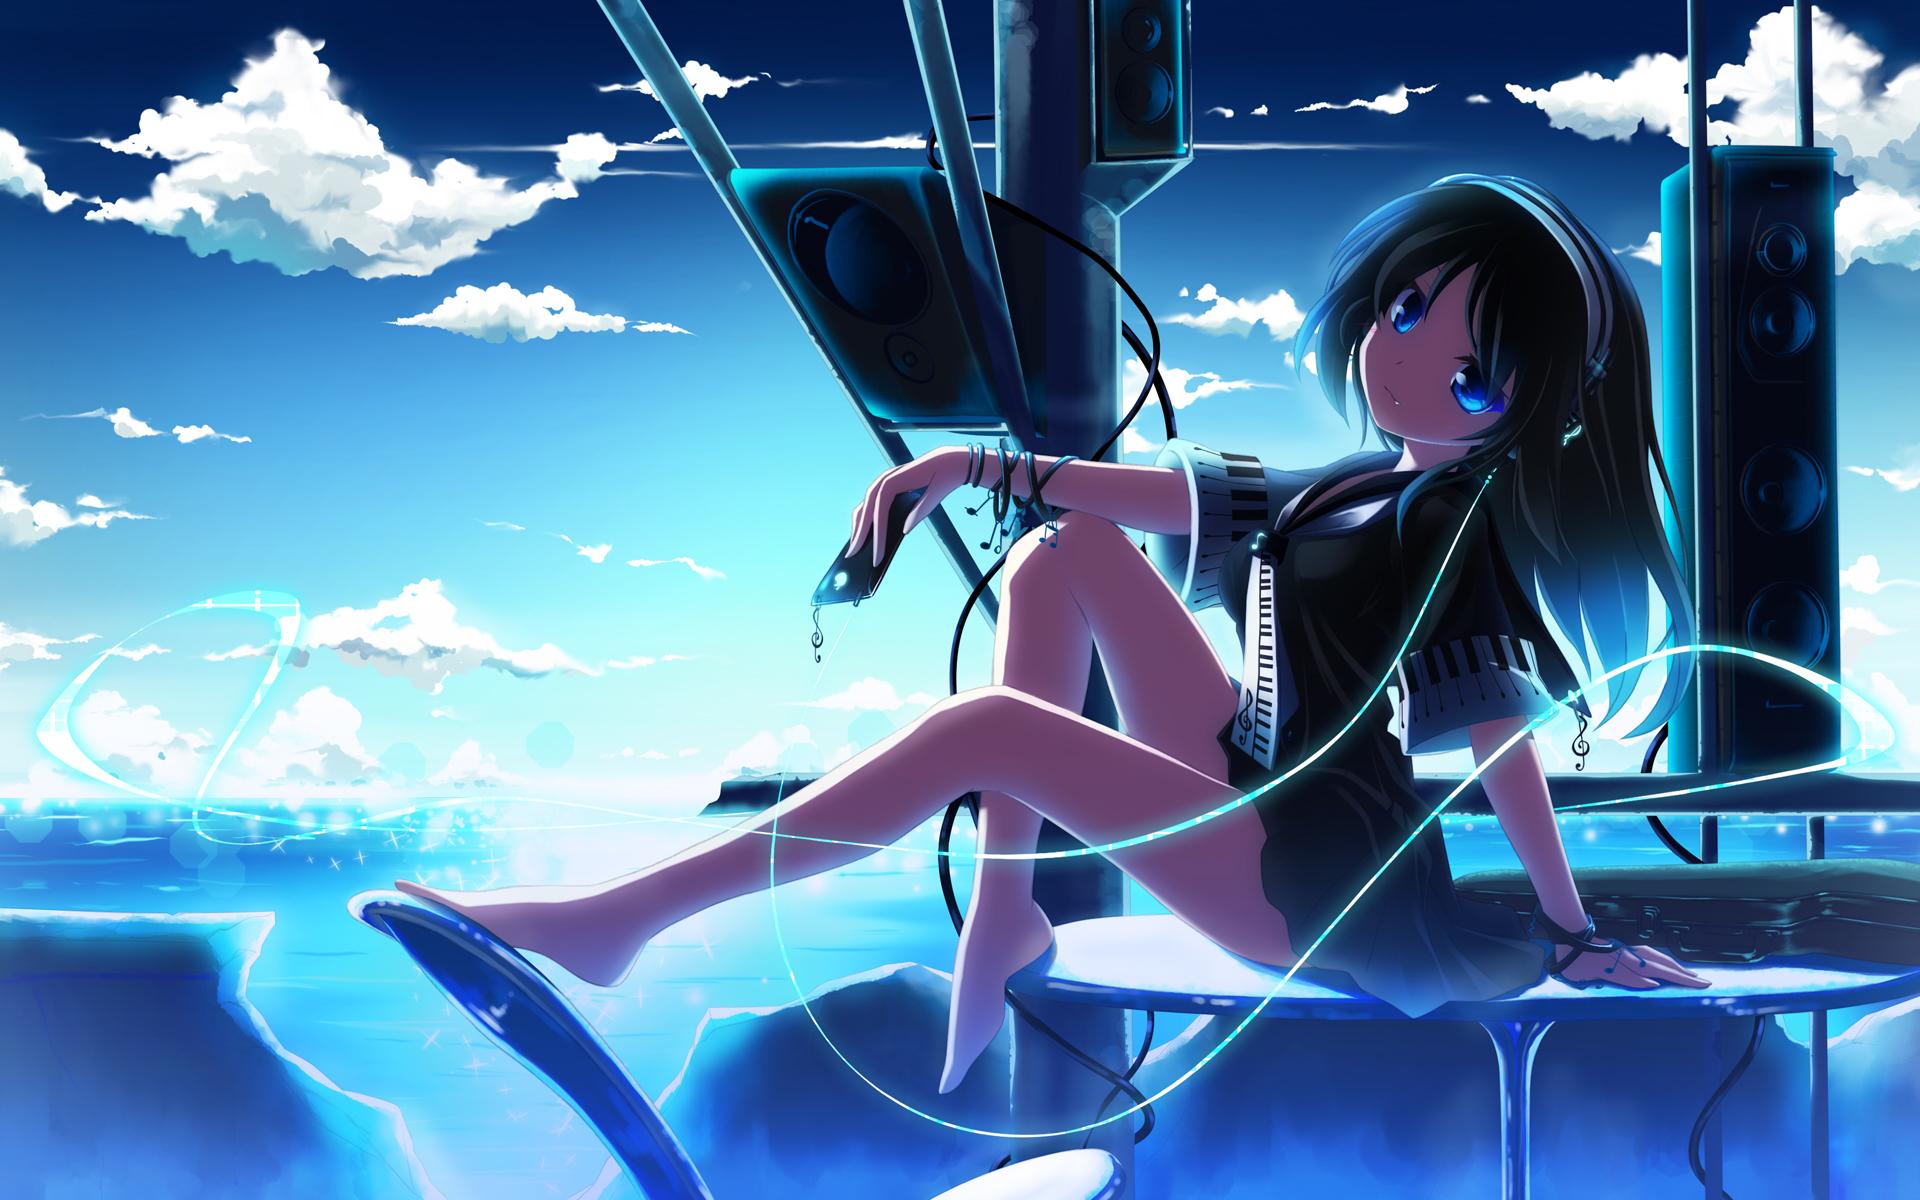 clouds sky anime girls anime headphones blue eyes long hair speakers black hair